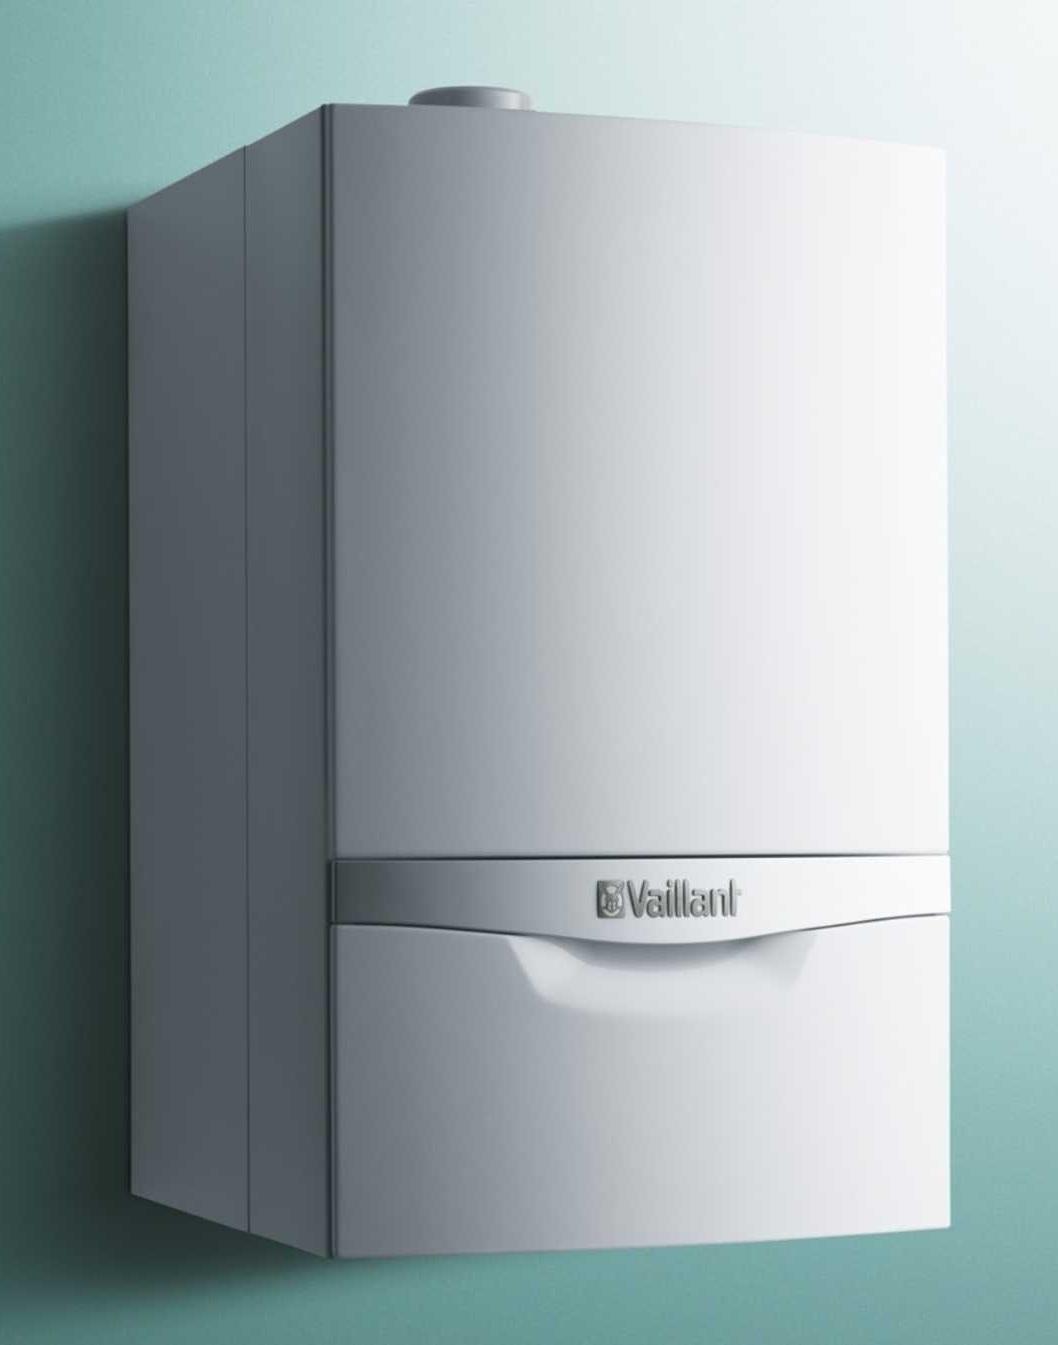 Газовый котел Vaillant ecoBIG VU OE 1006/5-5